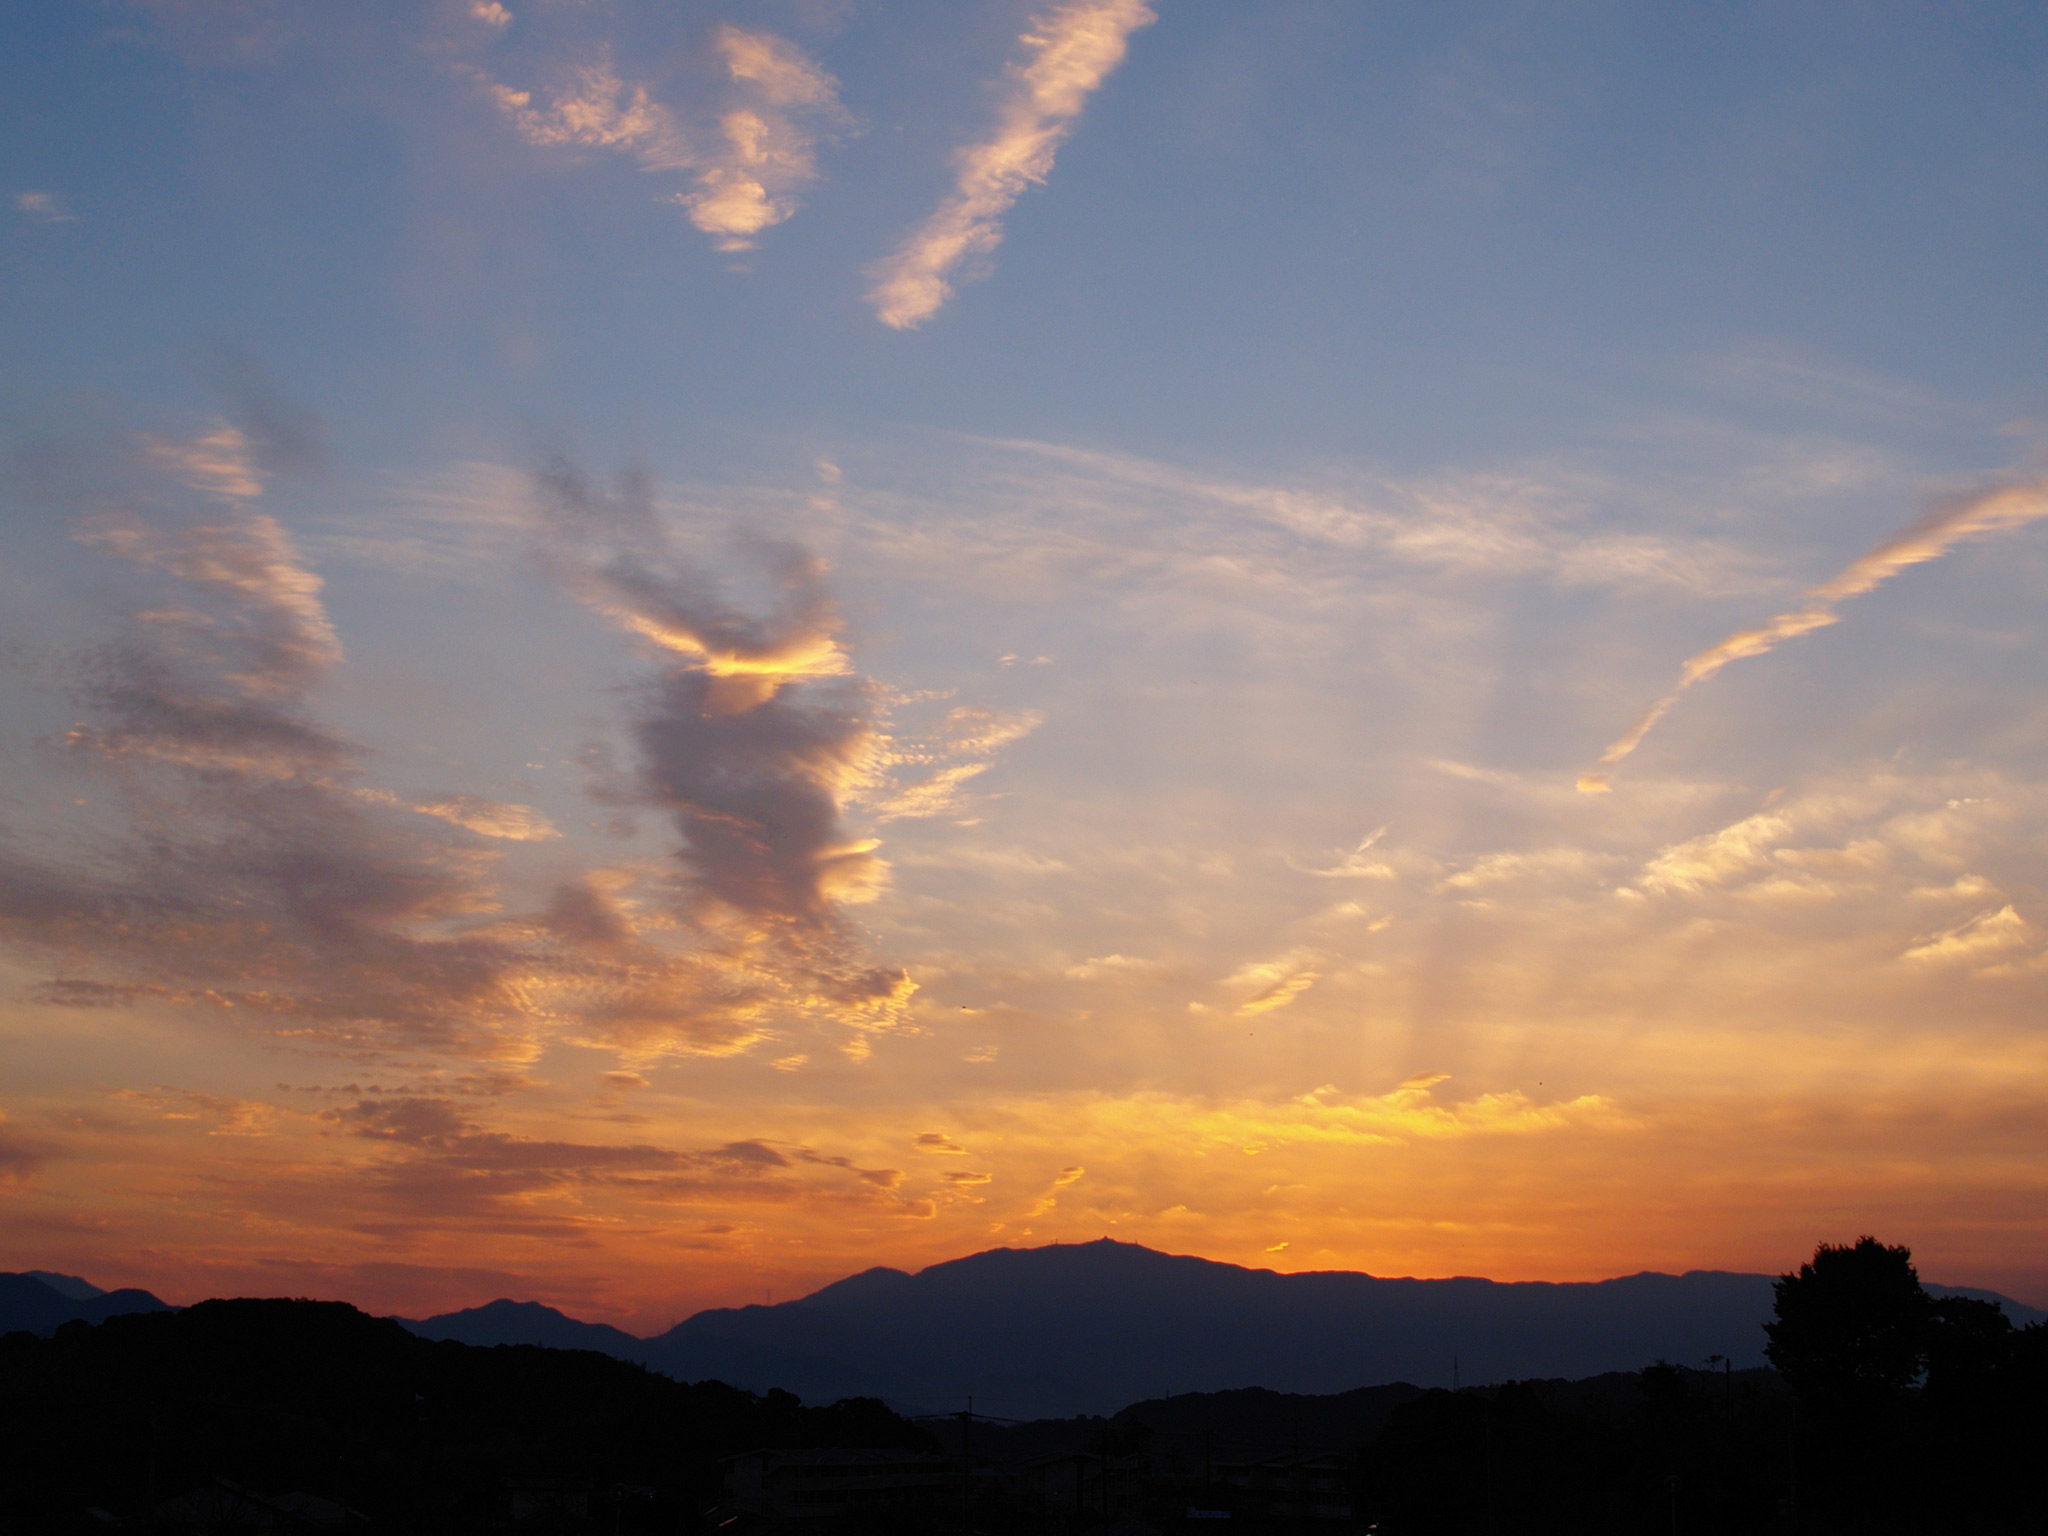 青空と夕焼け空壁紙